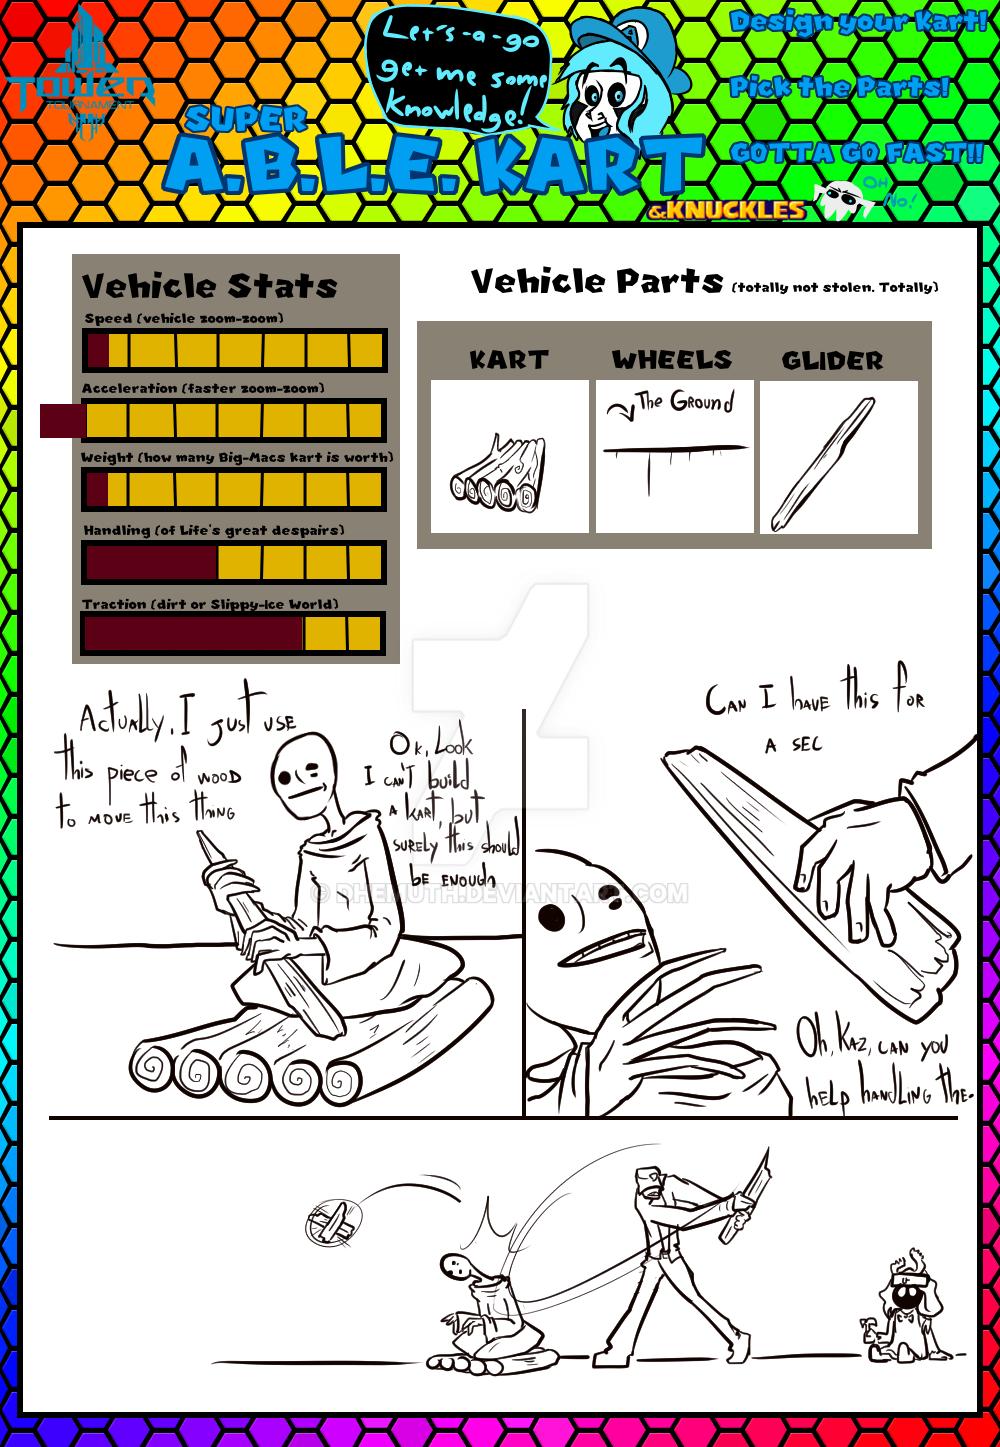 TTOCT Super A.B.L.E. Kart Meme - Kaz and Malak by Dhemuth